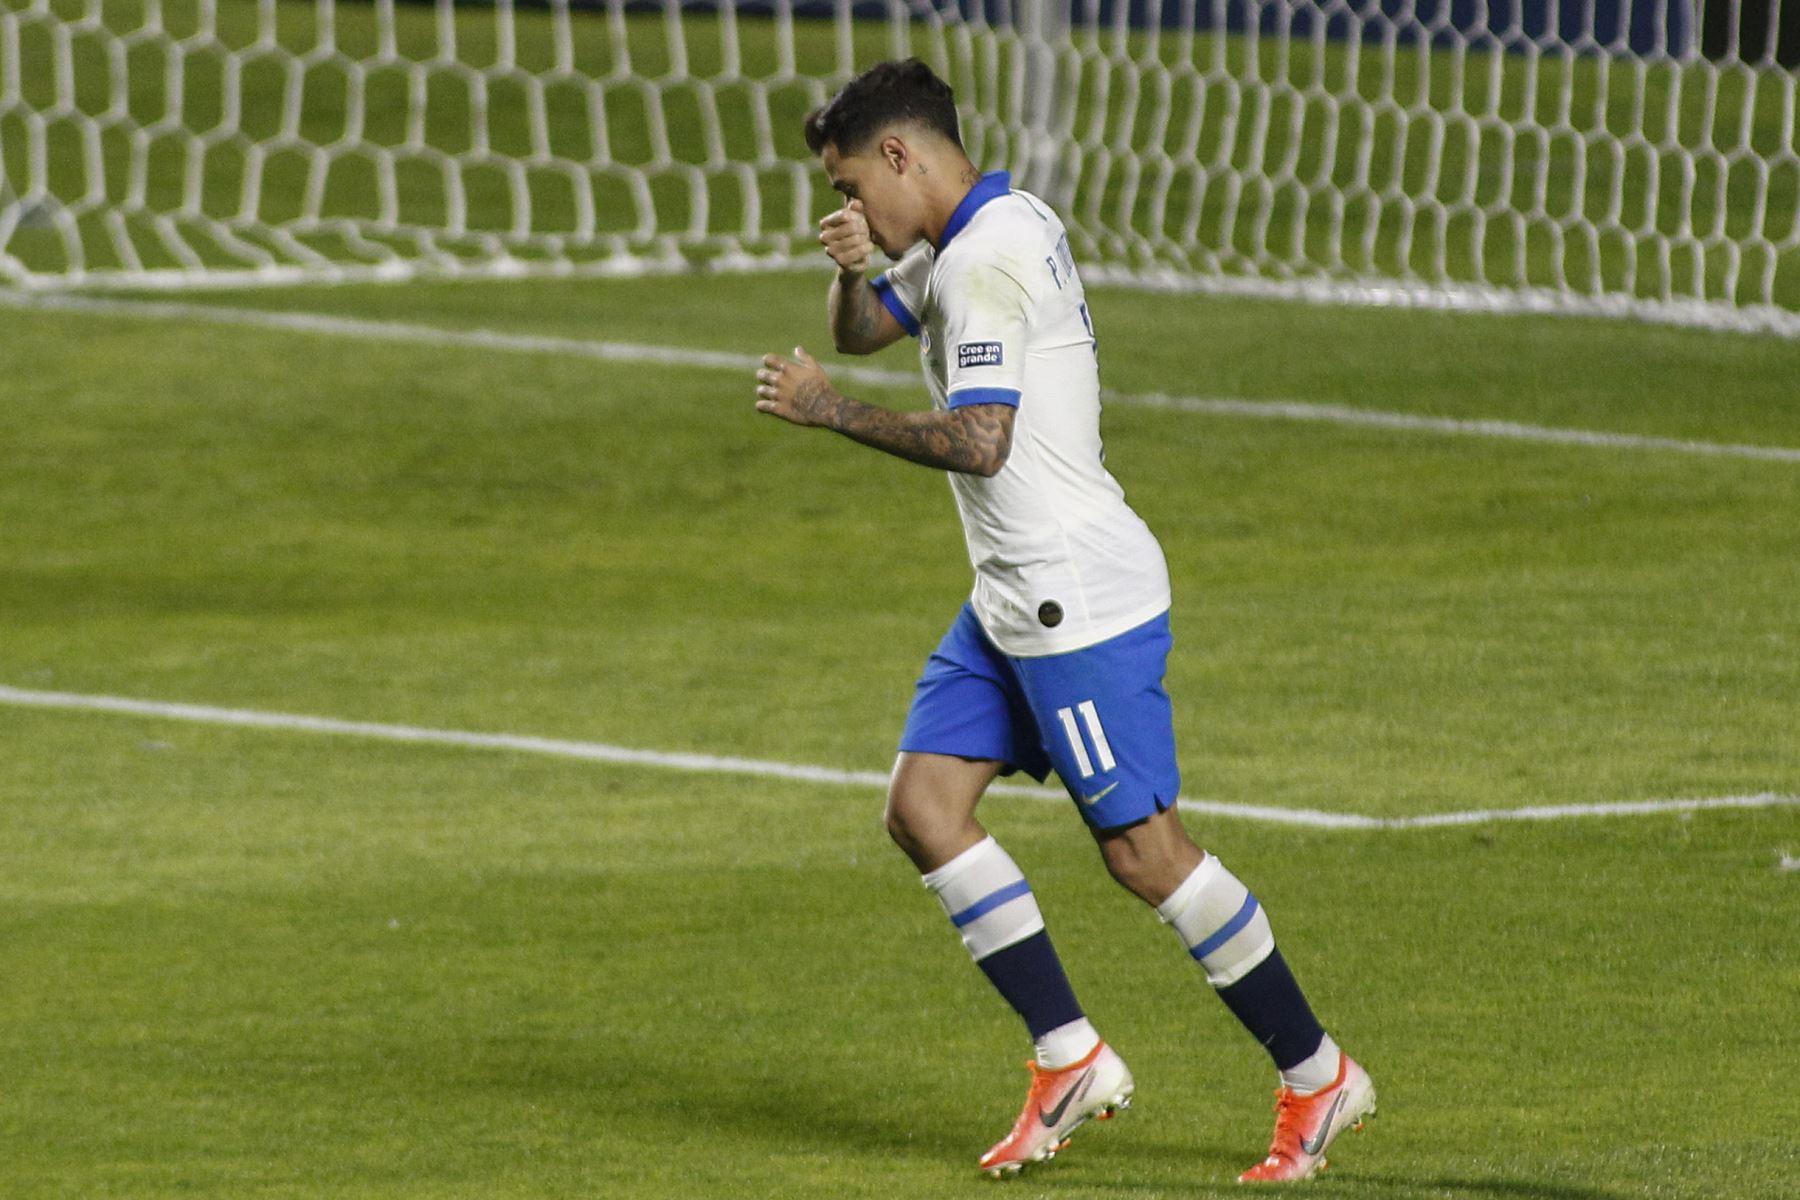 El brasileño Philippe Coutinho celebra después de marcar contra Bolivia durante su partido de torneo de fútbol de la Copa América .Foto: AFP